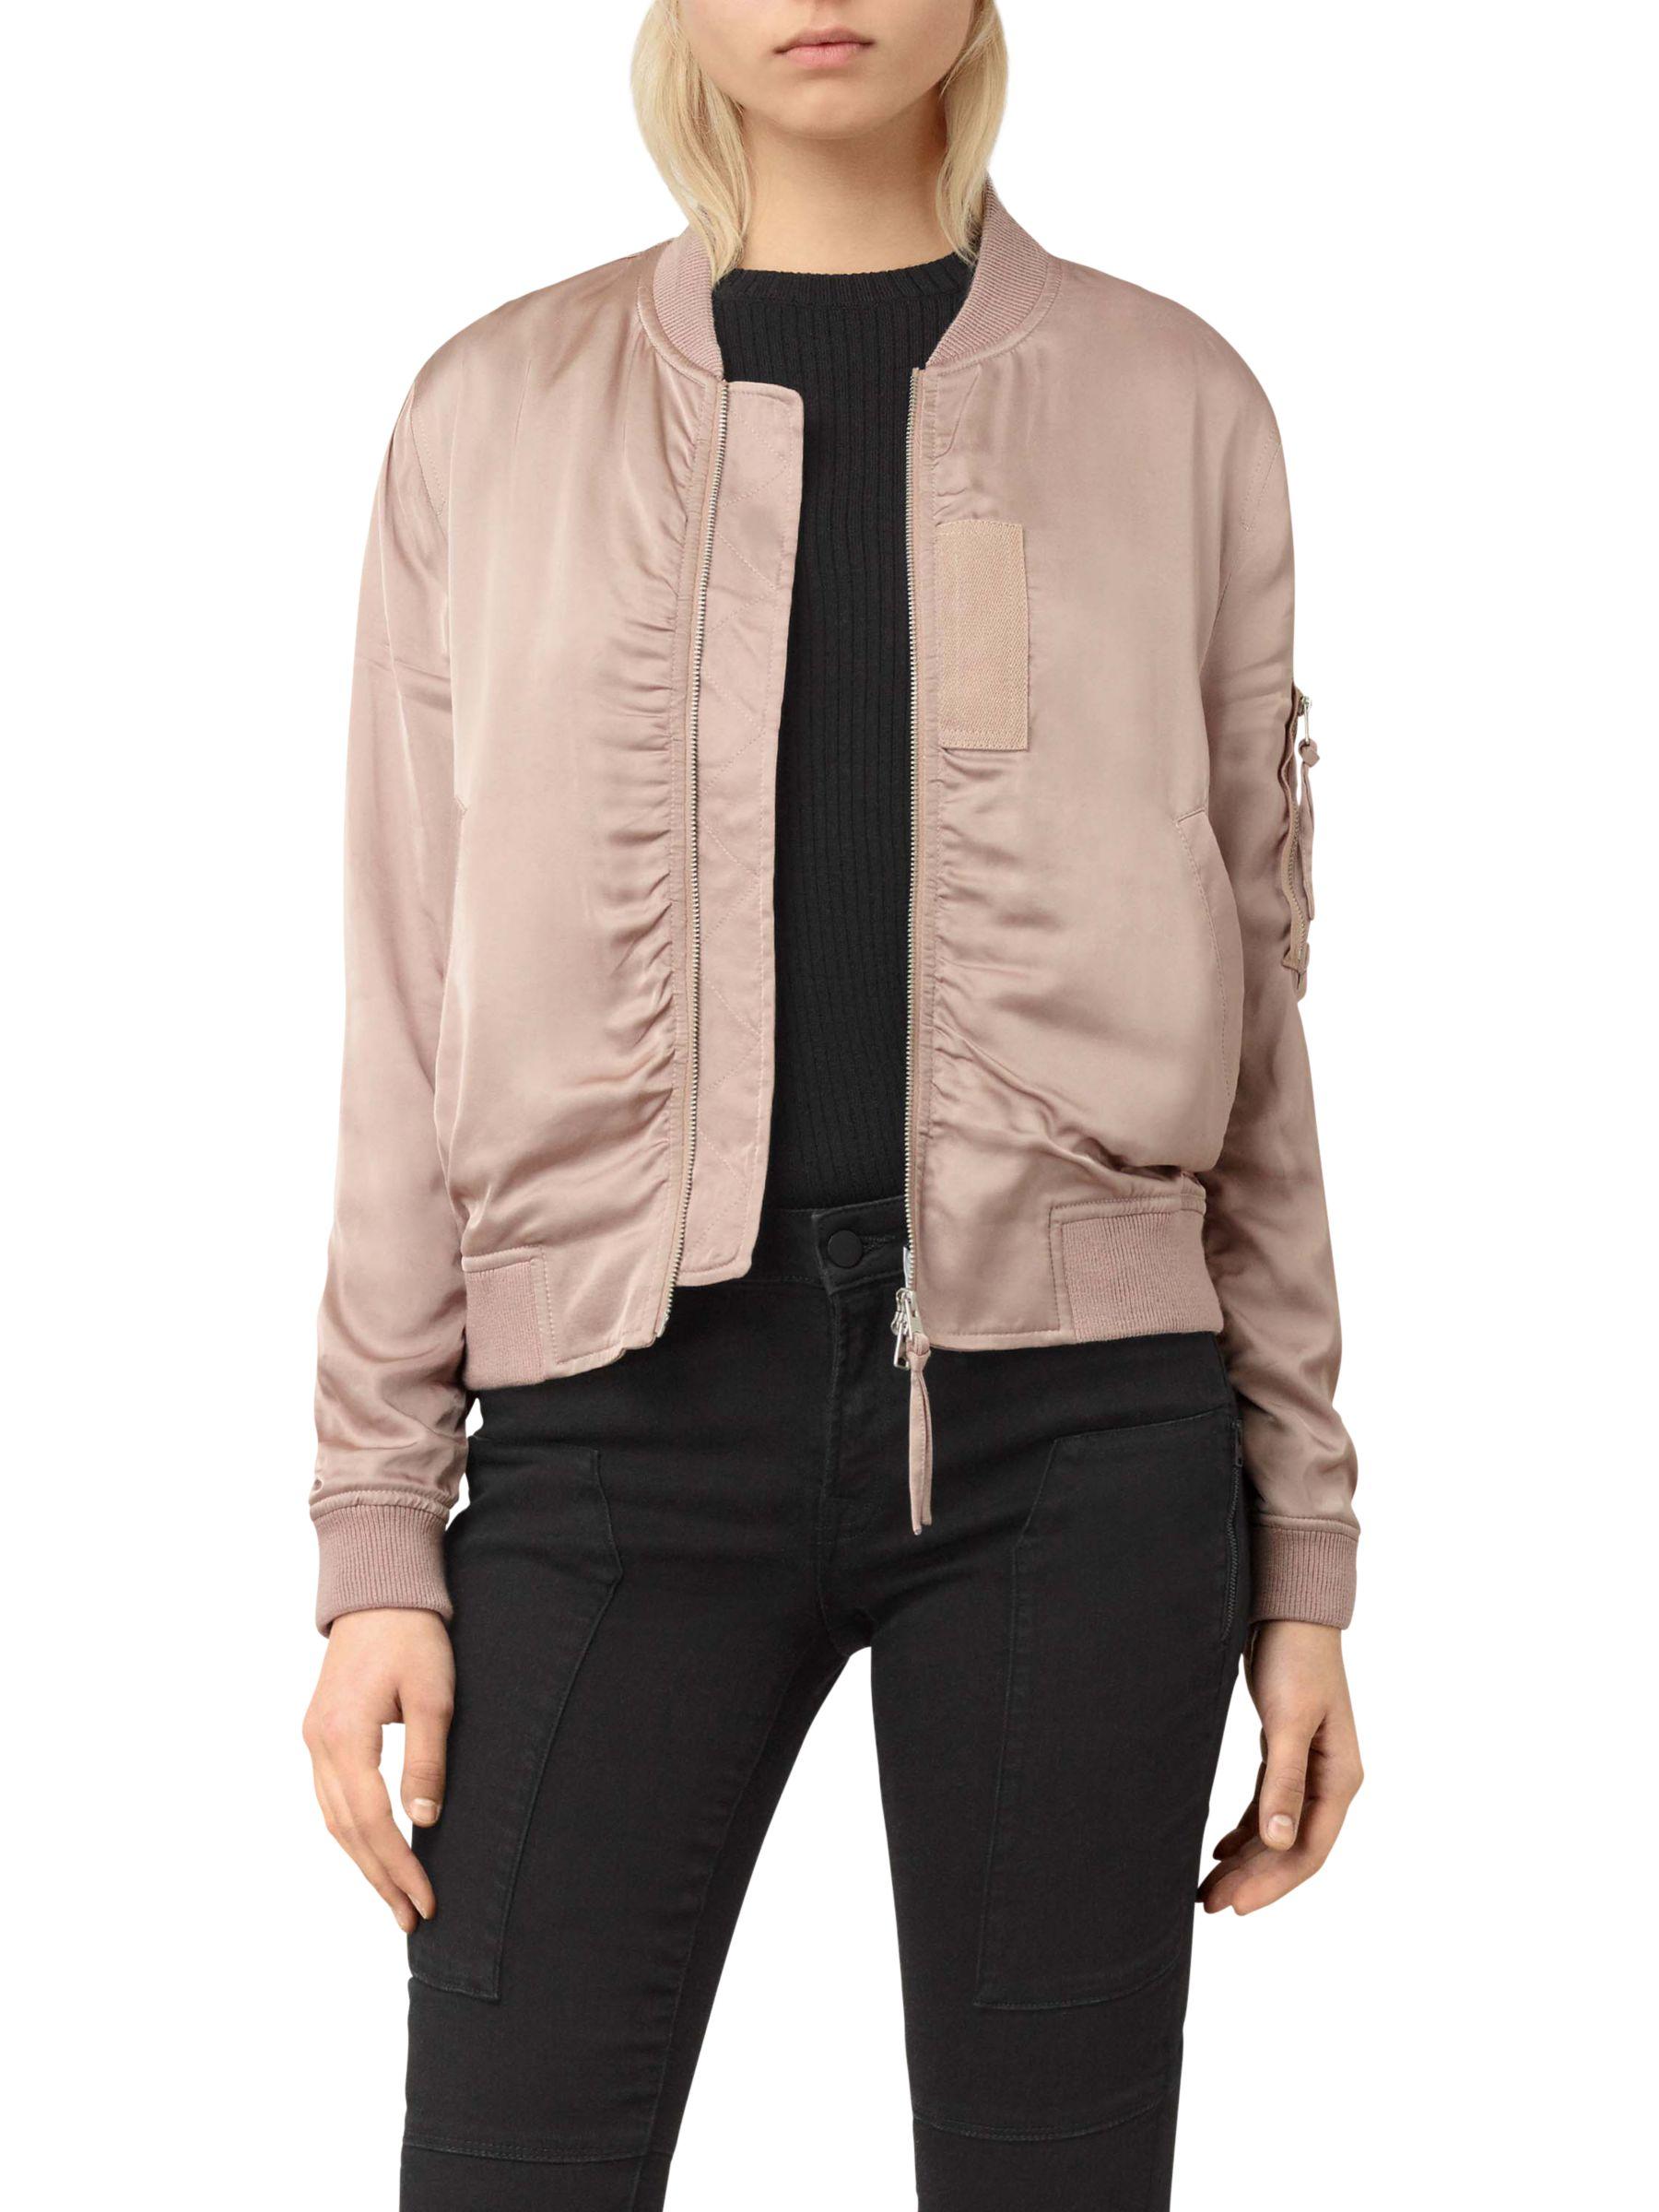 AllSaints AllSaints Kuma Bomber Jacket, Dusty Pink